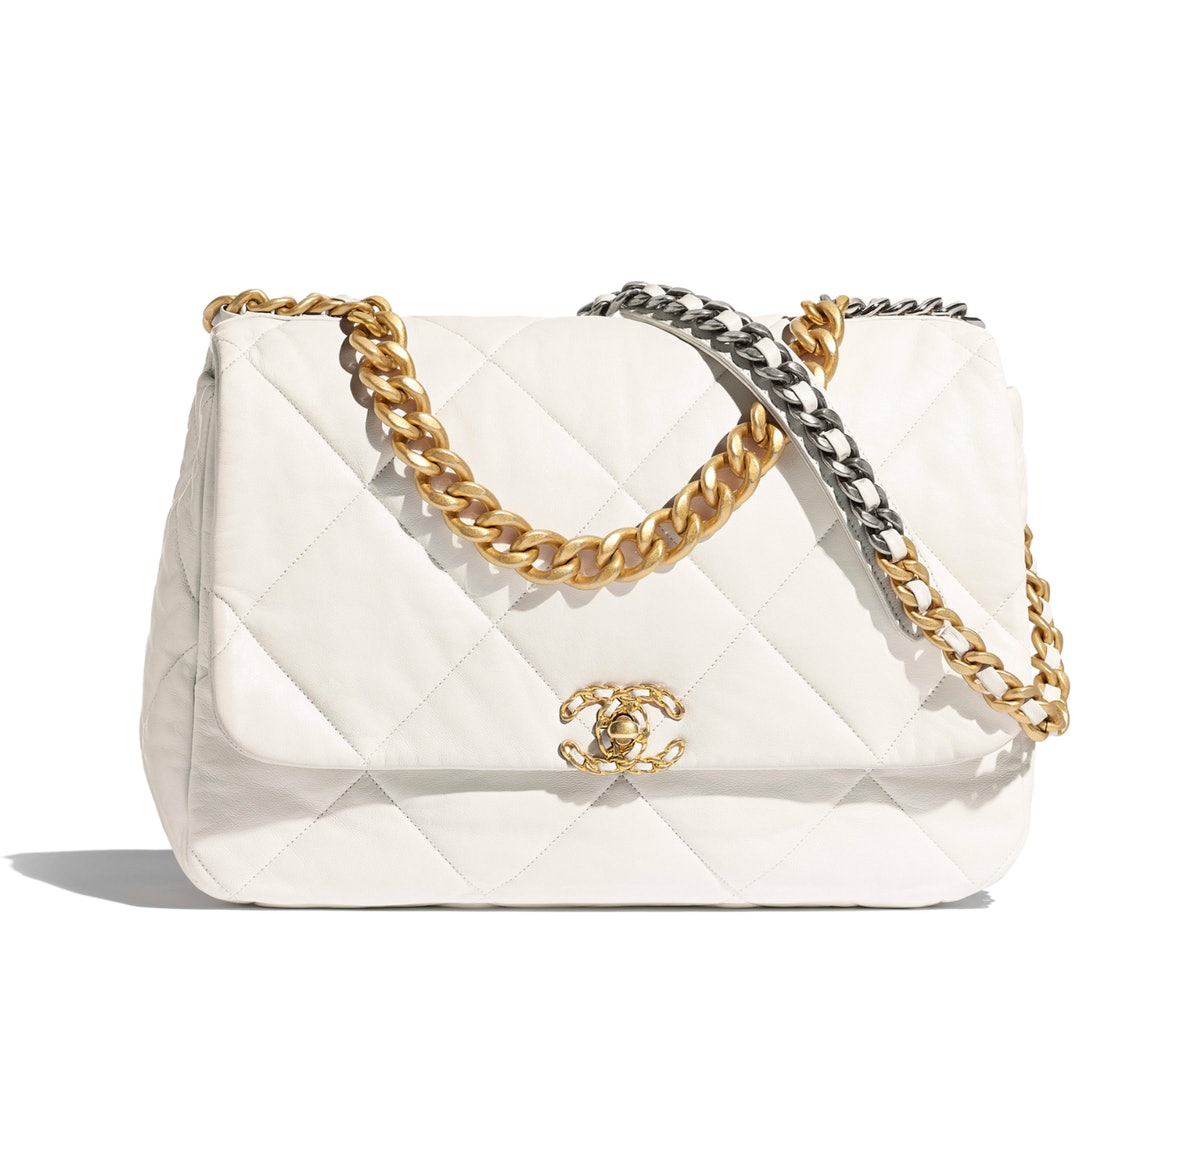 19 Maxi Flap Bag